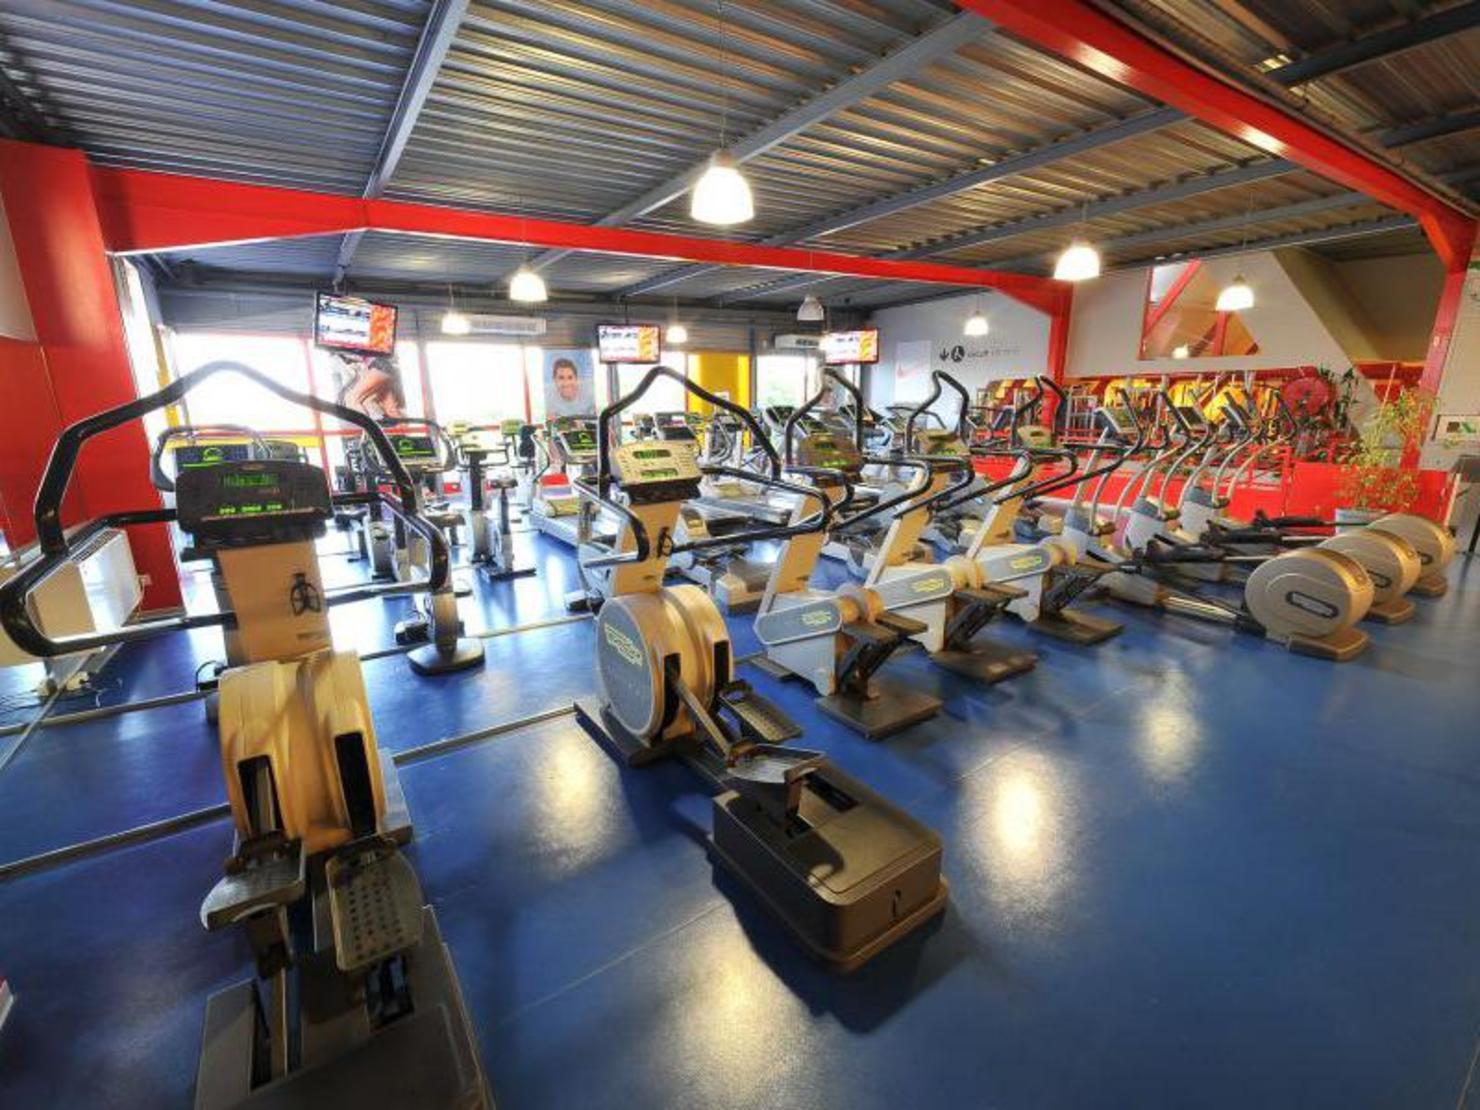 Salle De Sport Flaxlanden gfc cernay   tarifs, avis, horaires, essai gratuit